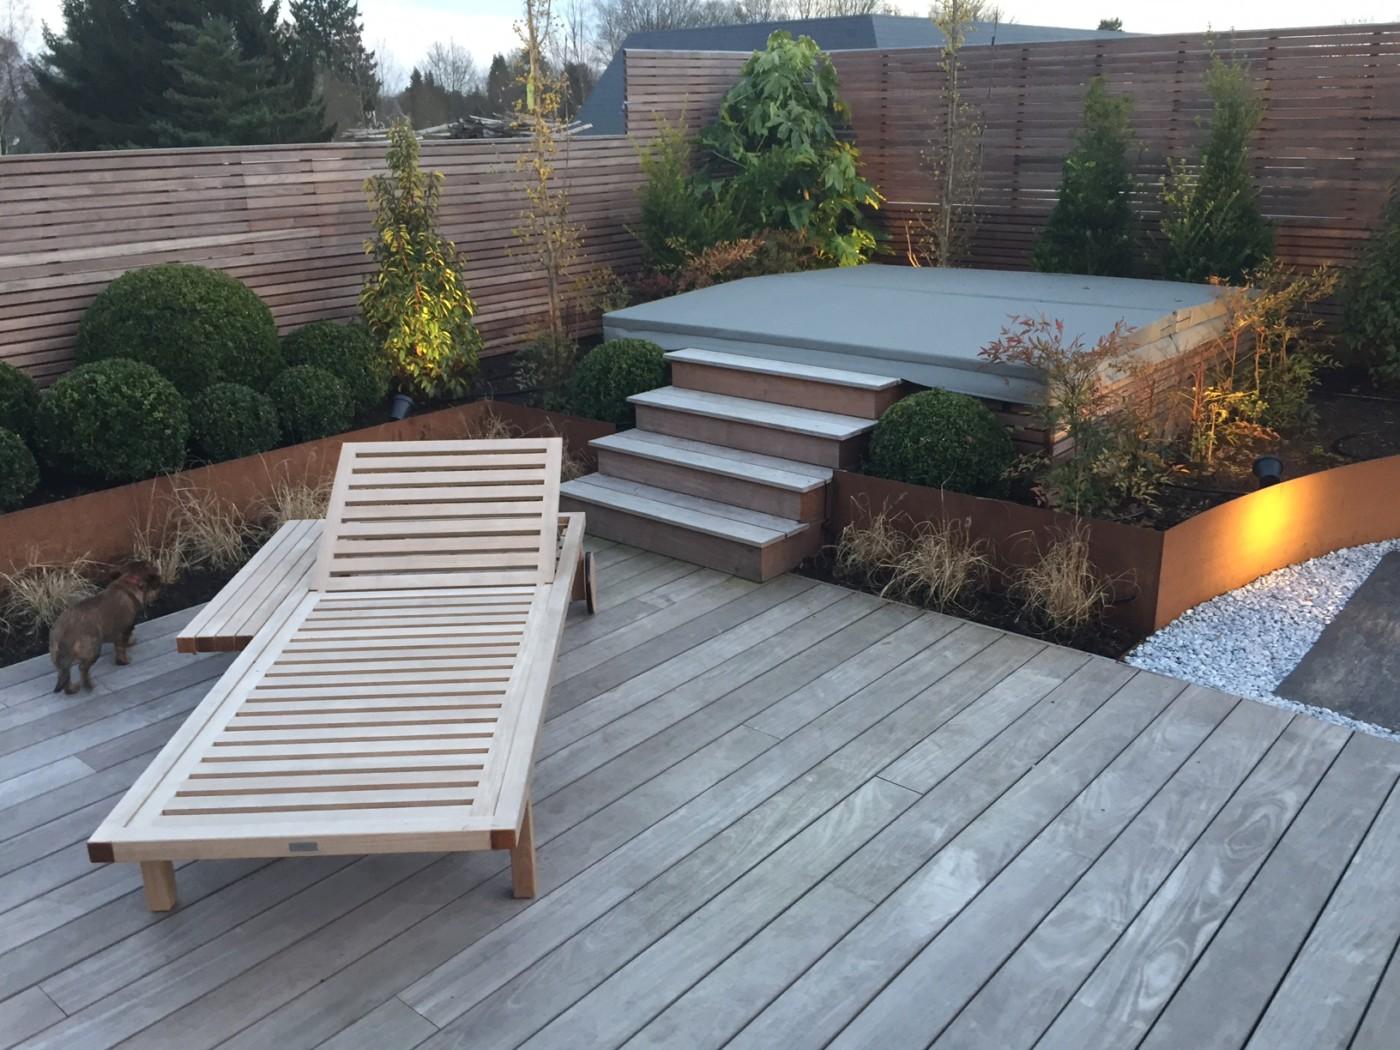 comment nettoyer une terrasse en ciment noircie. Black Bedroom Furniture Sets. Home Design Ideas